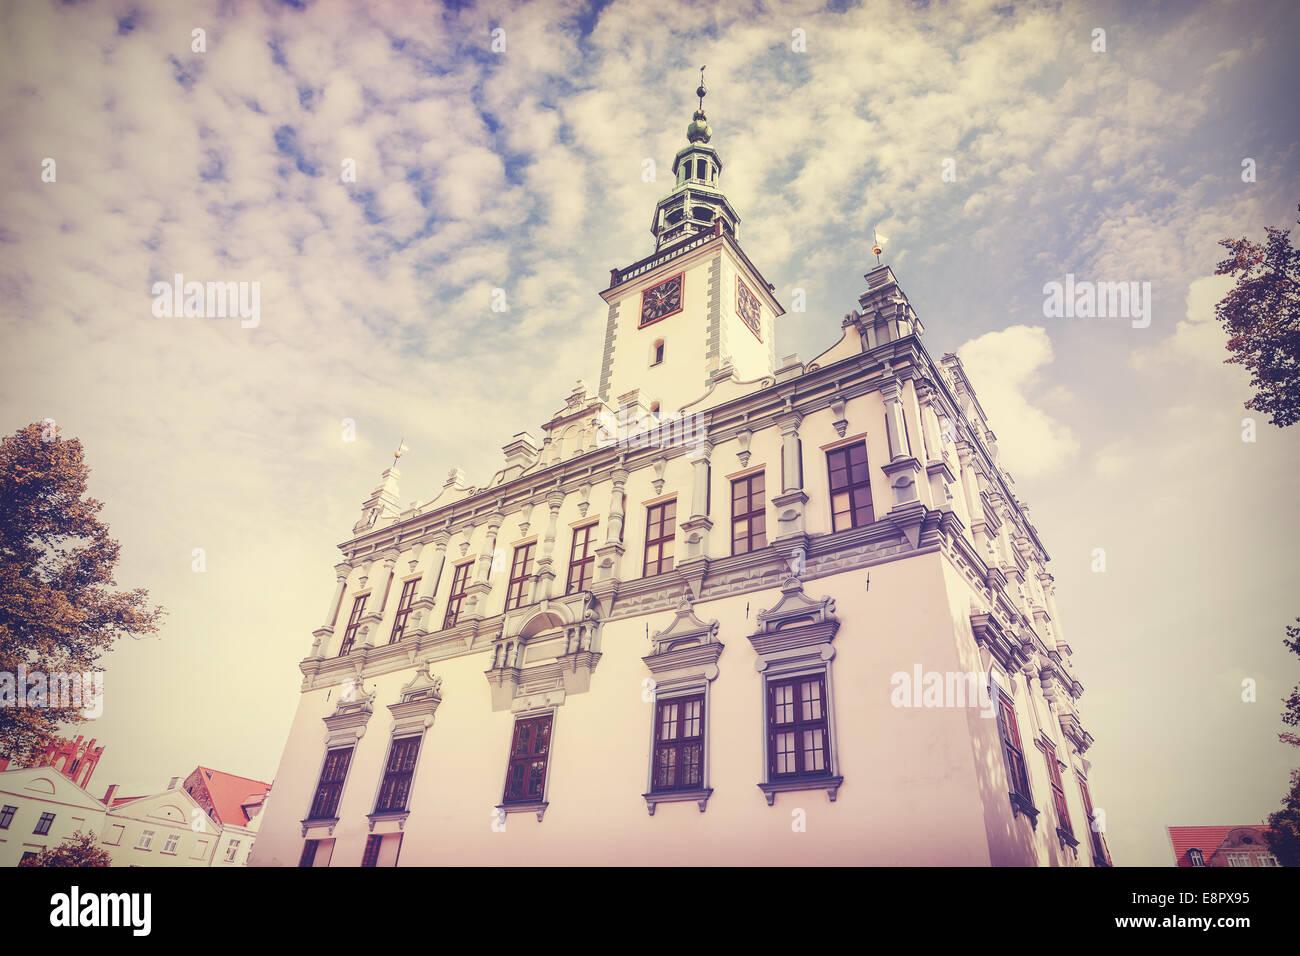 Vintage retrò foto filtrata del municipio di Chelmno, Polonia. Immagini Stock